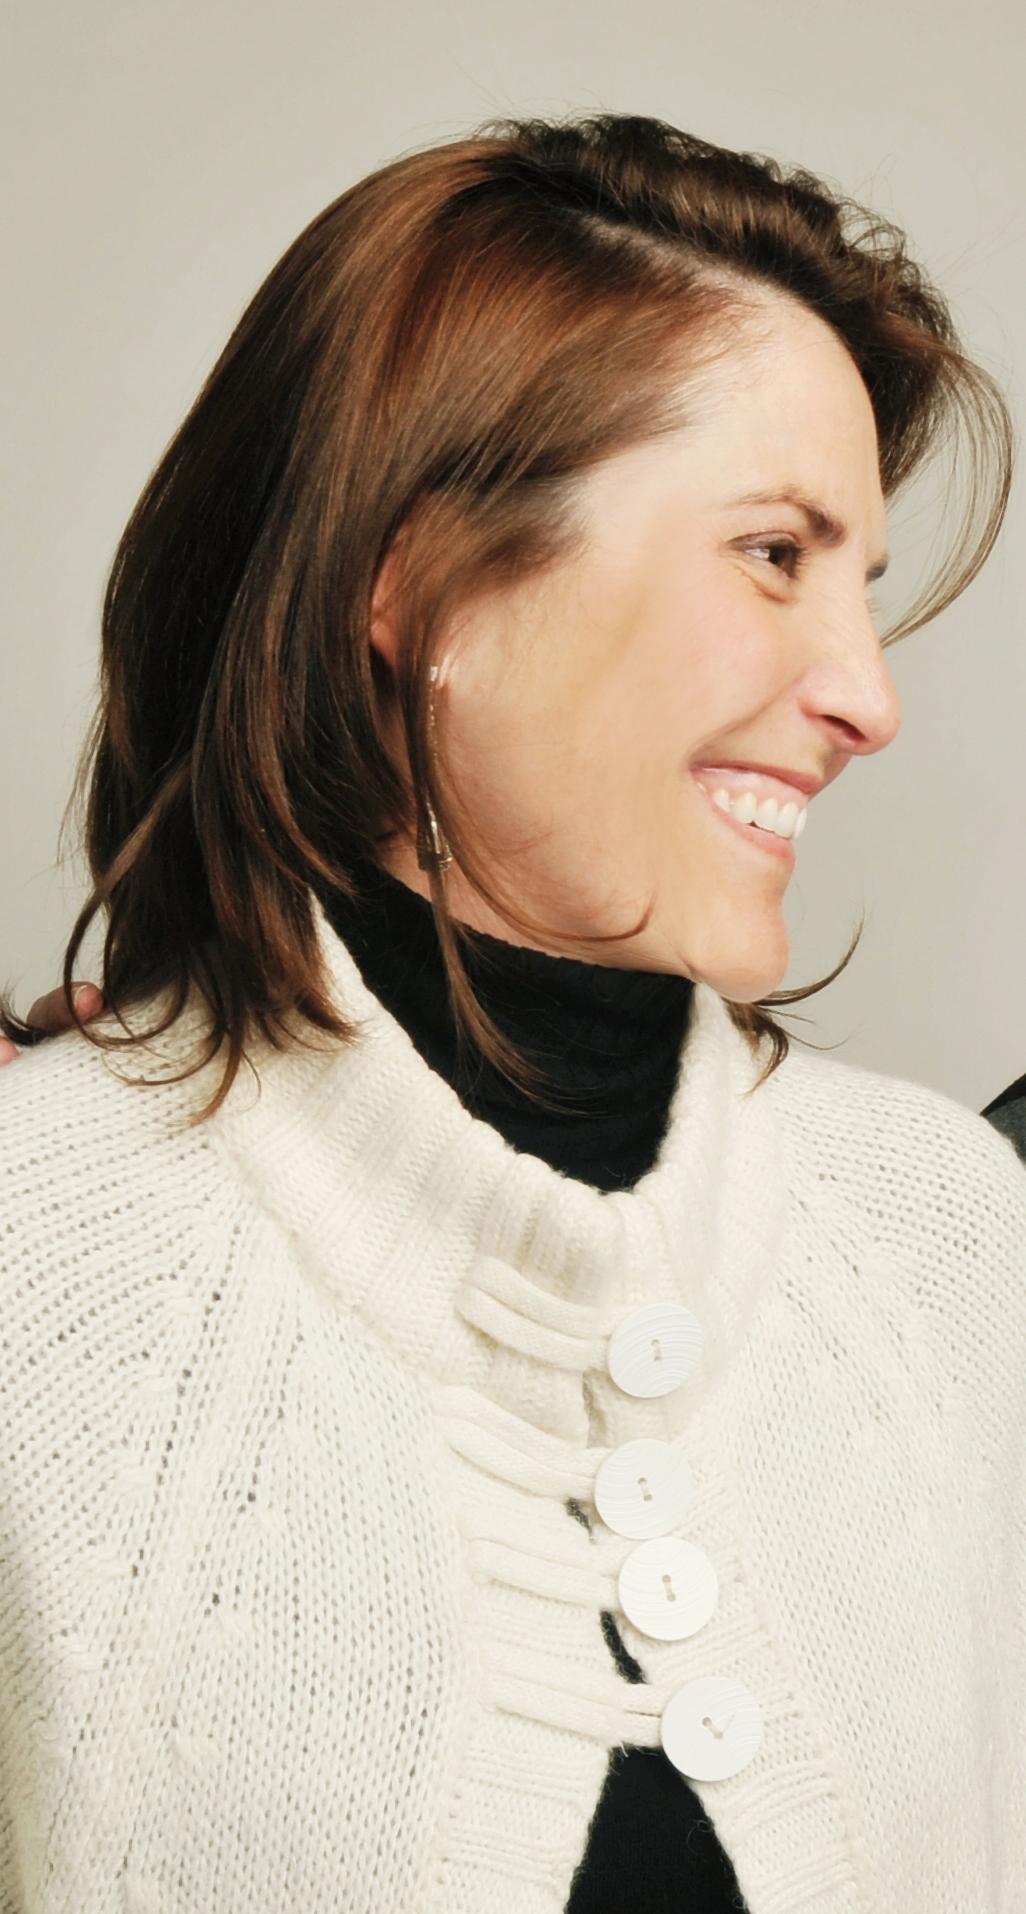 Diana Artíguez Ryan